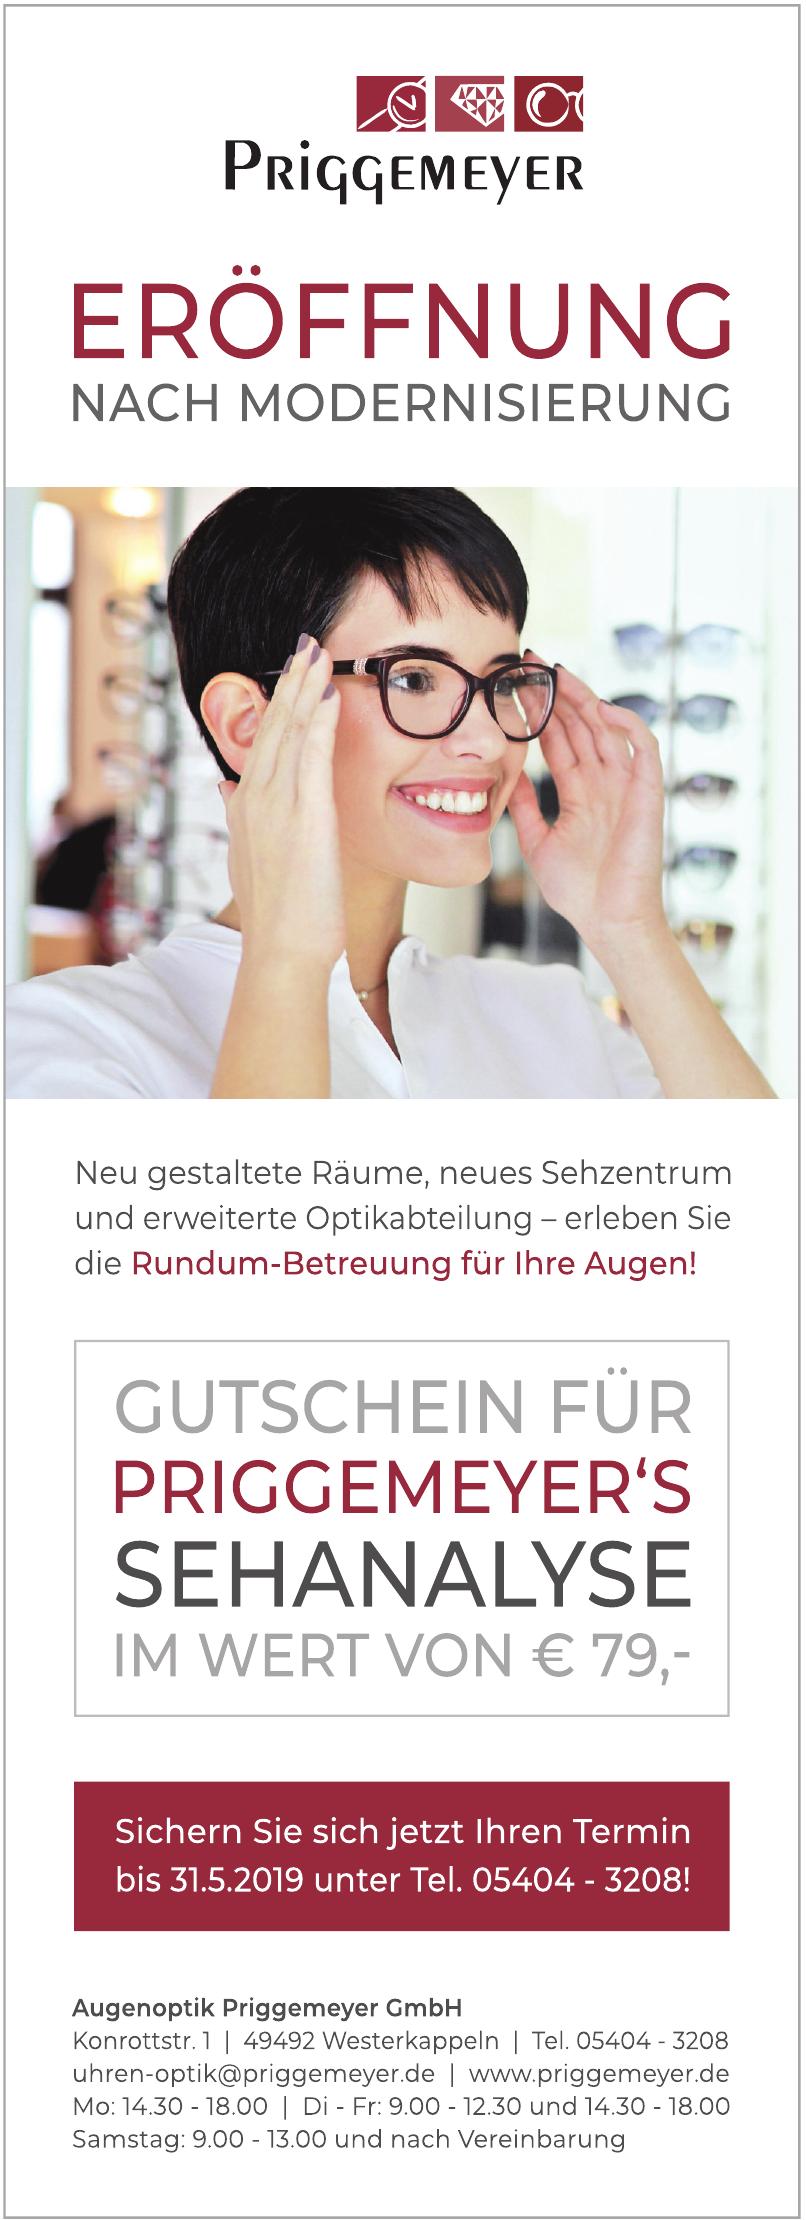 Augenoptik Priggemeyer GmbH